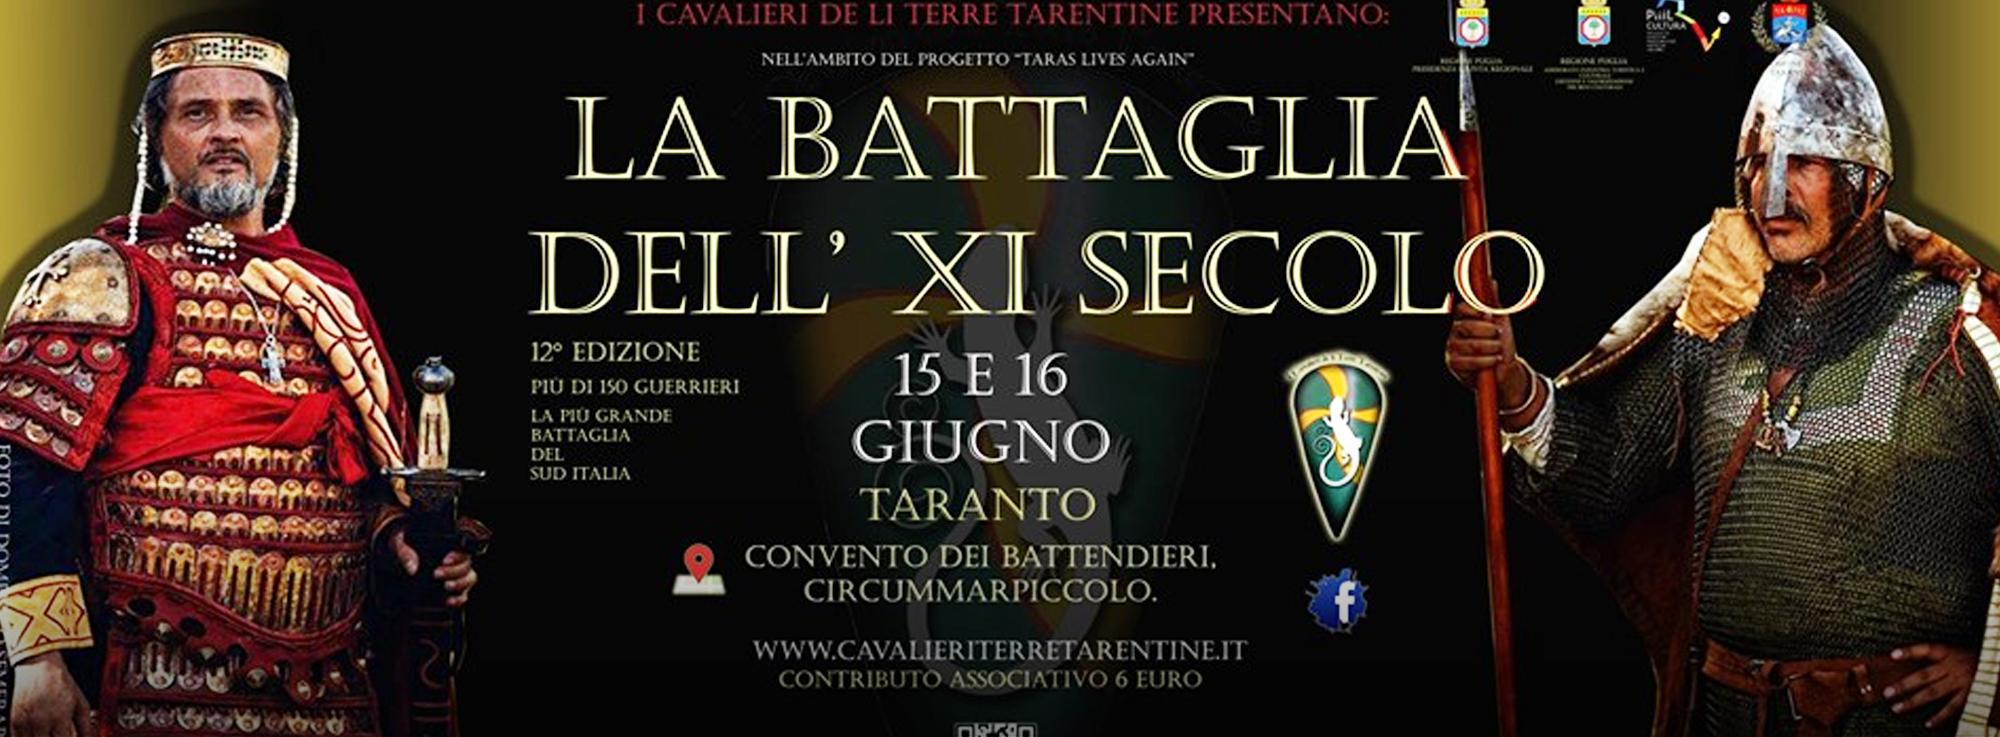 Taranto: La battaglia dell'XI secolo